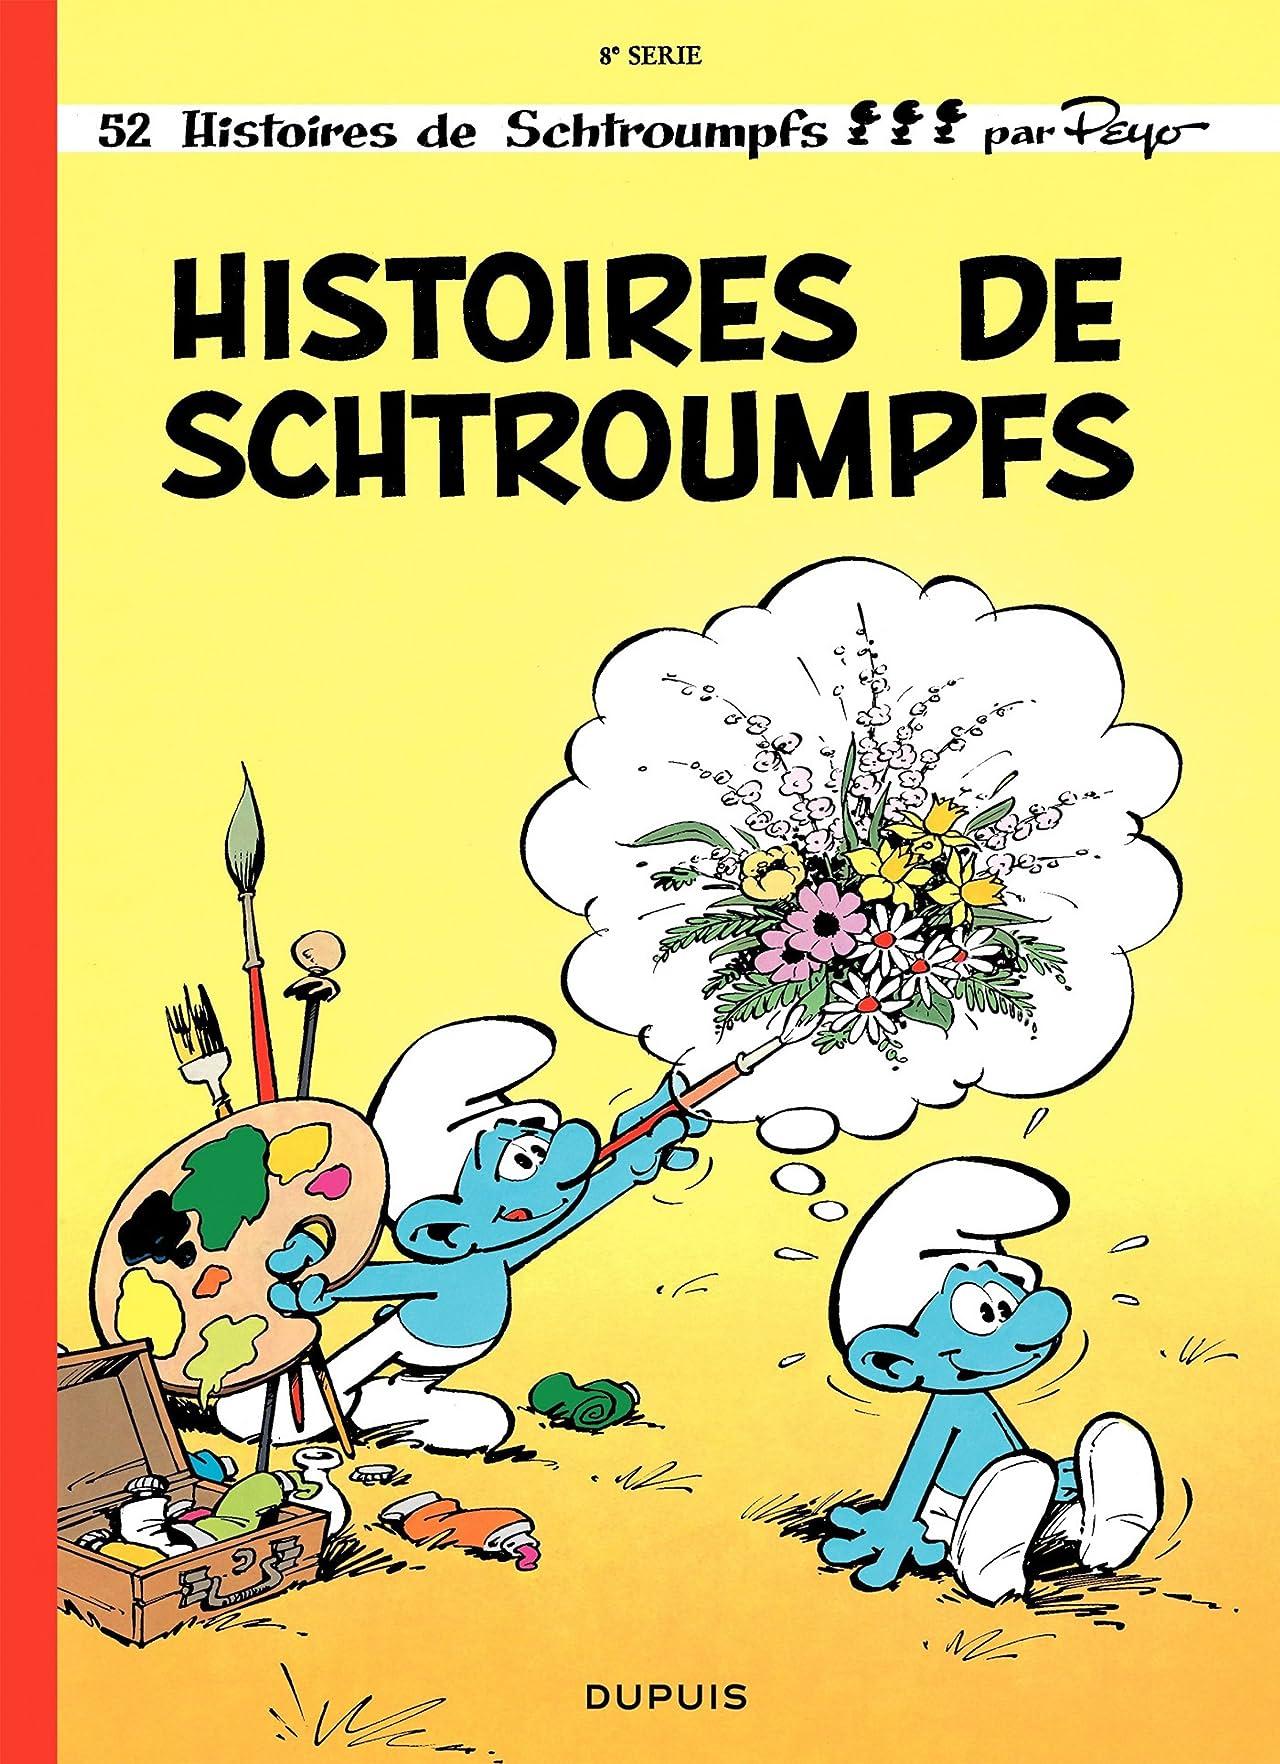 Les Schtroumpfs Vol. 8: Histoires de Schtroumpfs